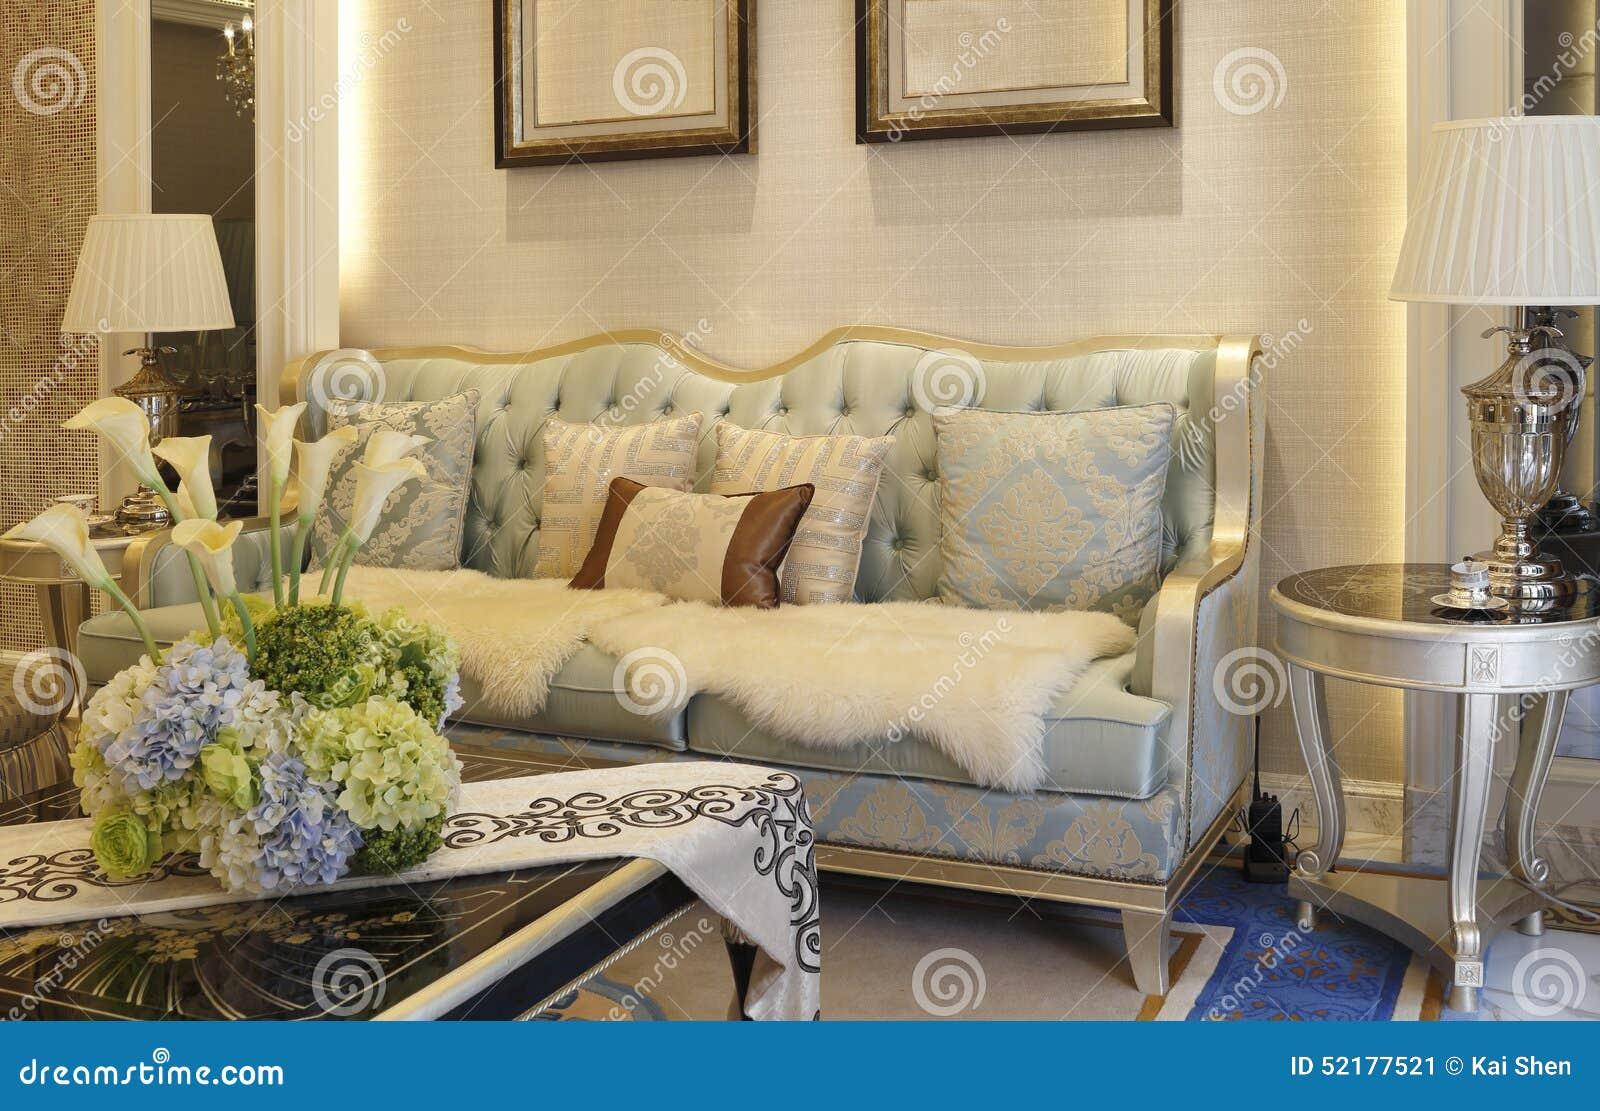 Woonkamer Lichte Kleuren : De woonkamer met lichte kleur stock afbeelding afbeelding